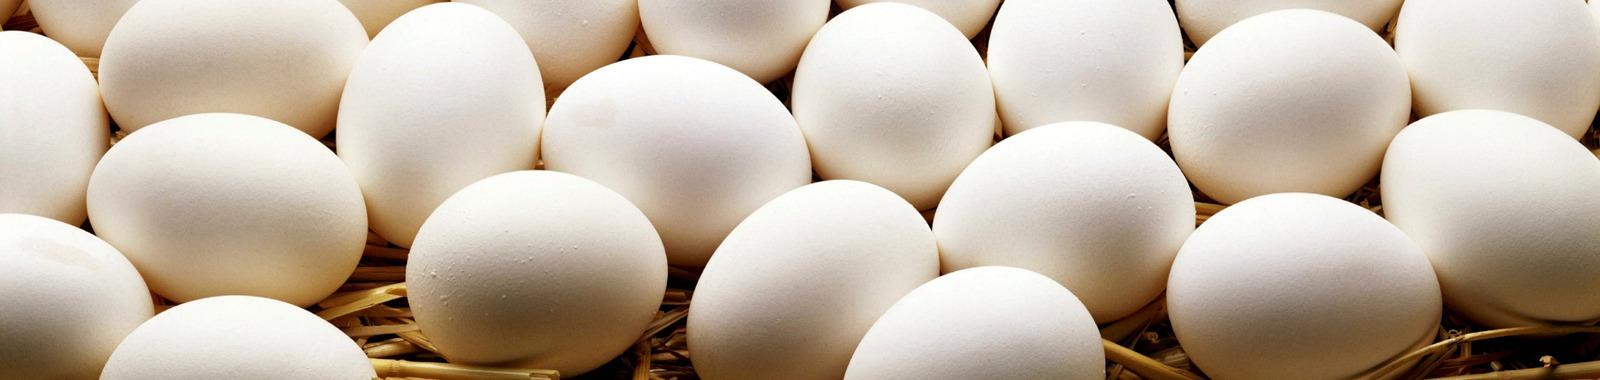 Kananmunasta runsaasti sleeeniä